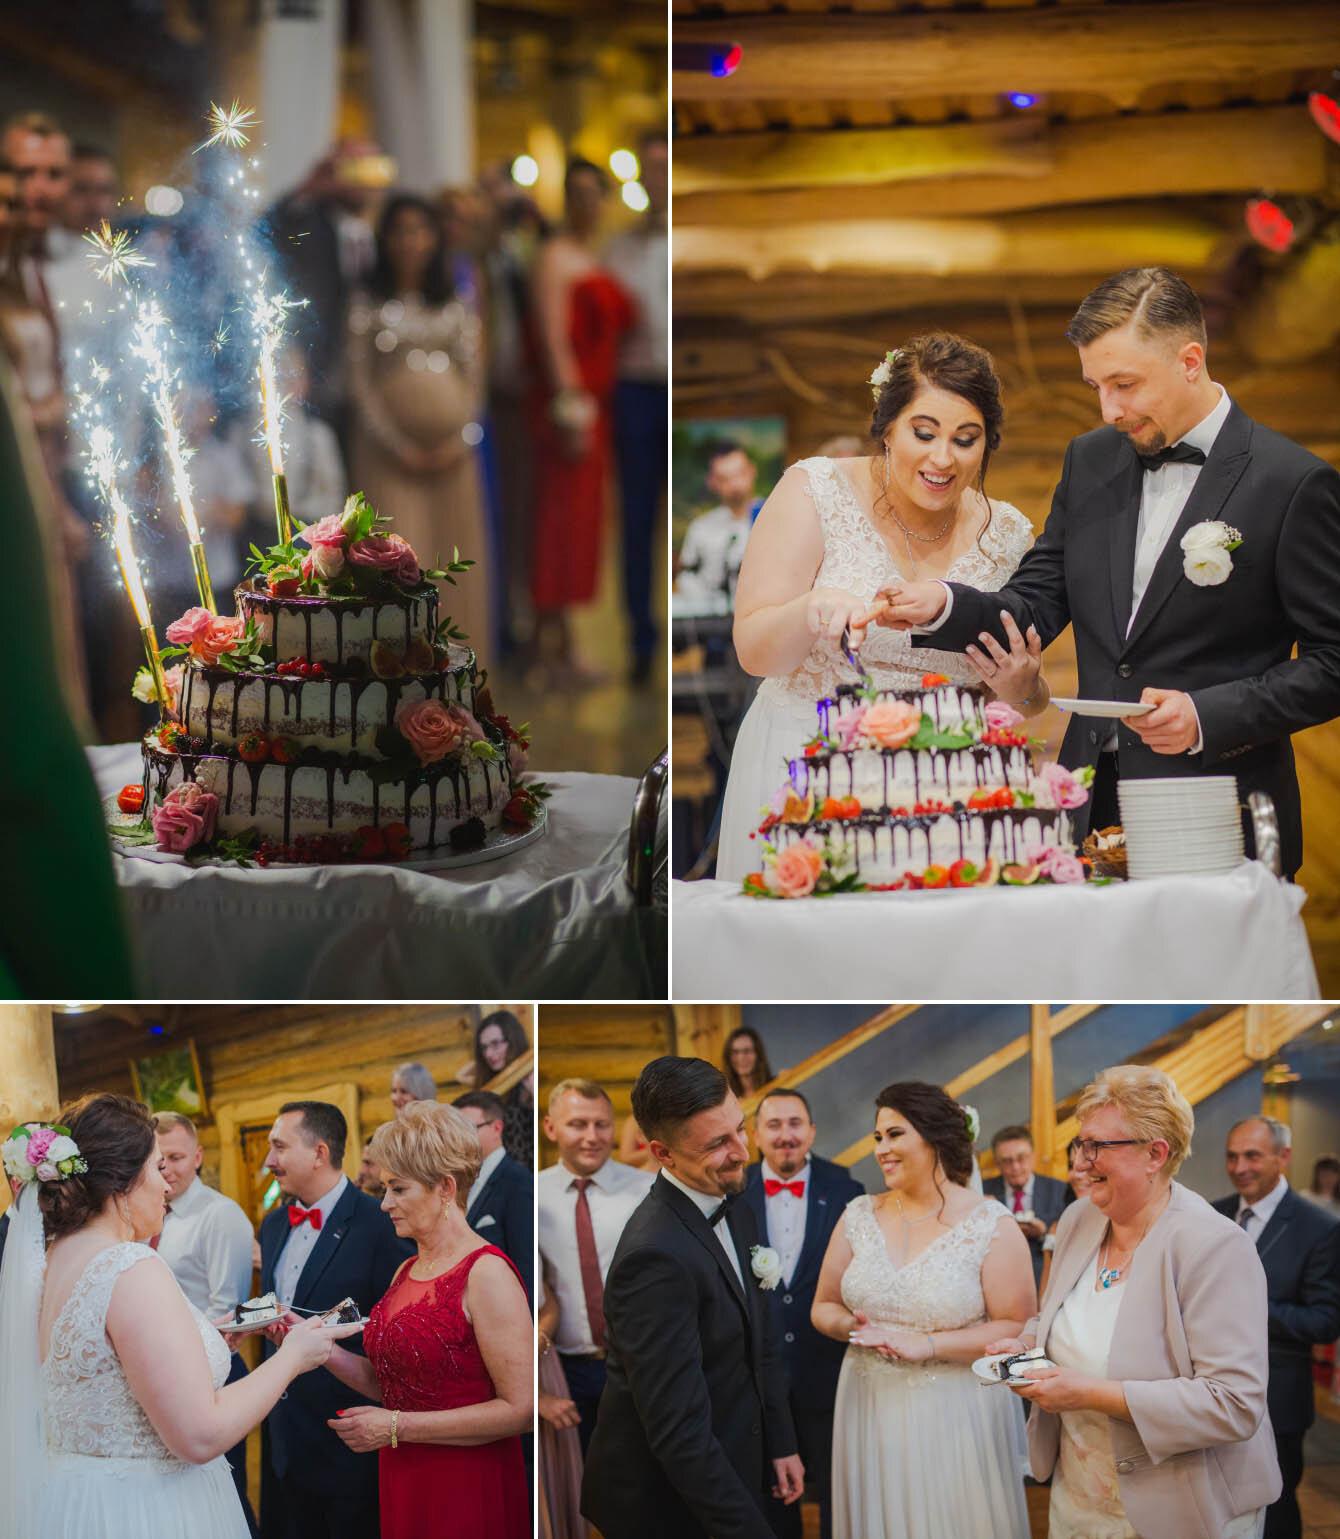 Fotografie ślubne Marka i Angeliki w domu weselnym pod Grzybkiem fotograf Bartek Wyrobek  26.jpg